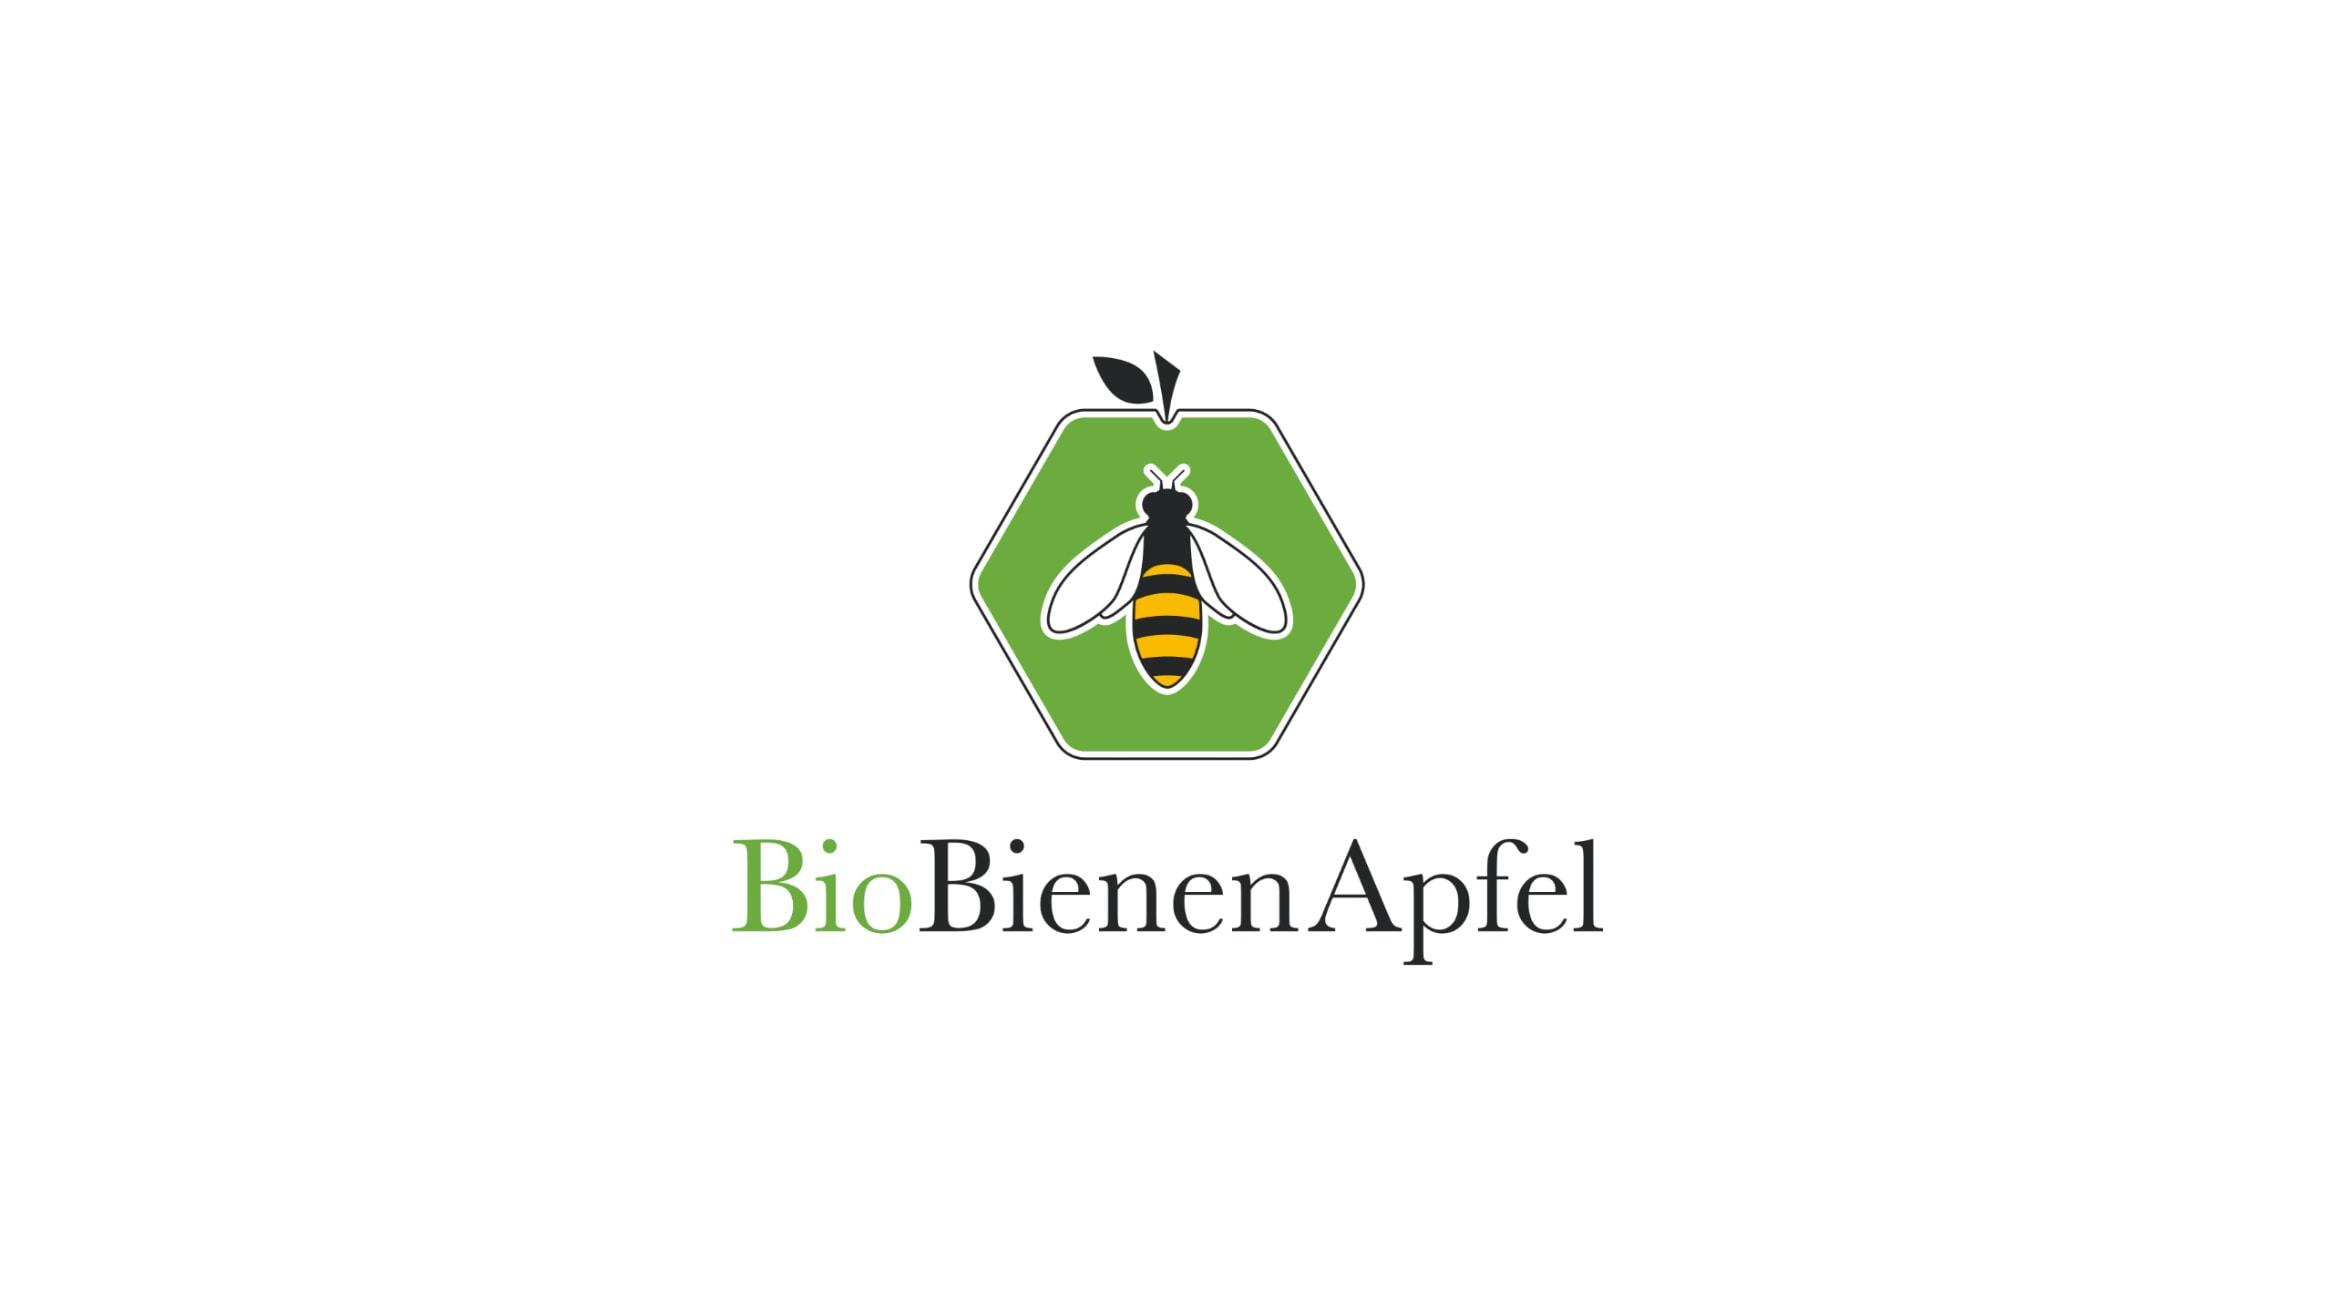 Grüner Apfel in Form einer Bienenwabe mit einer Biene in der Mitte, Logo von BioBienenApfel